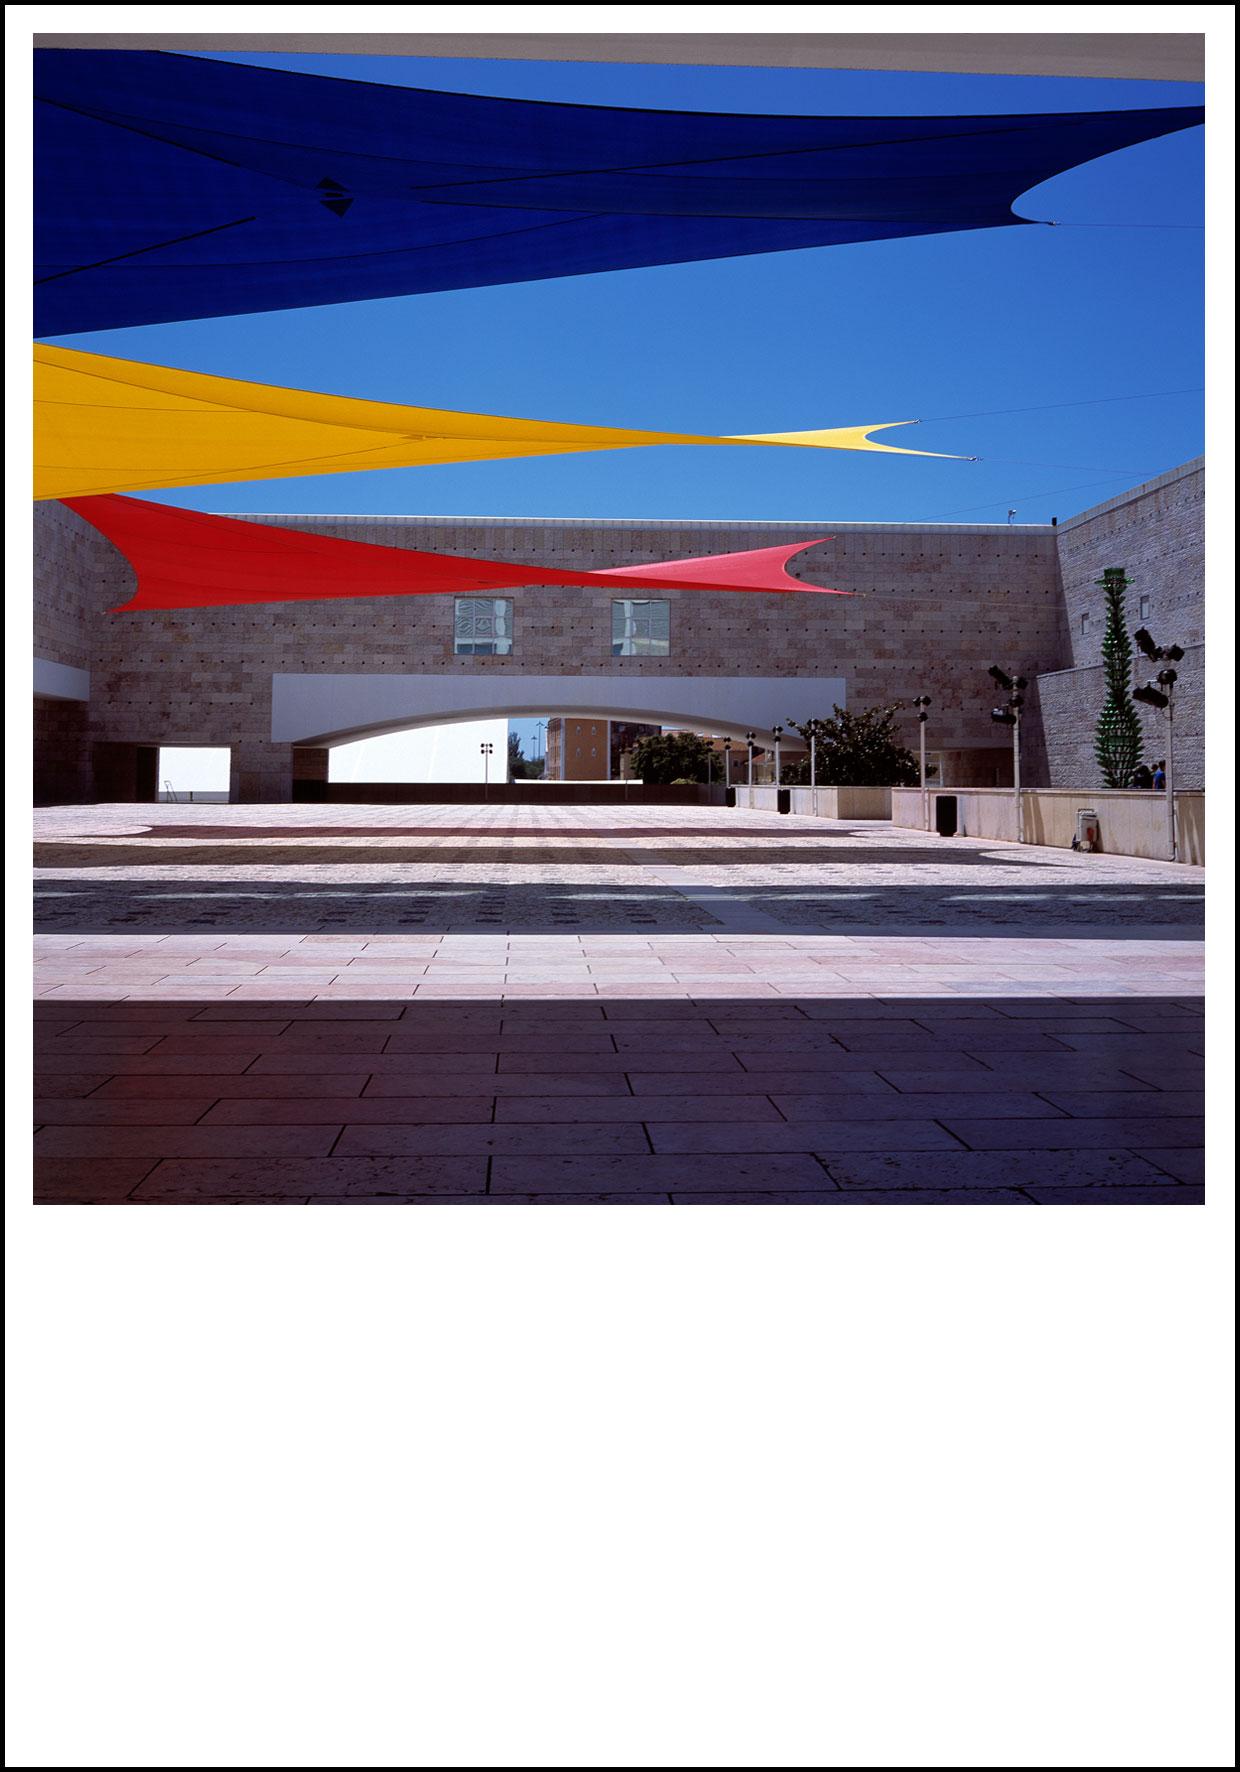 centro cultural belém - gregotti